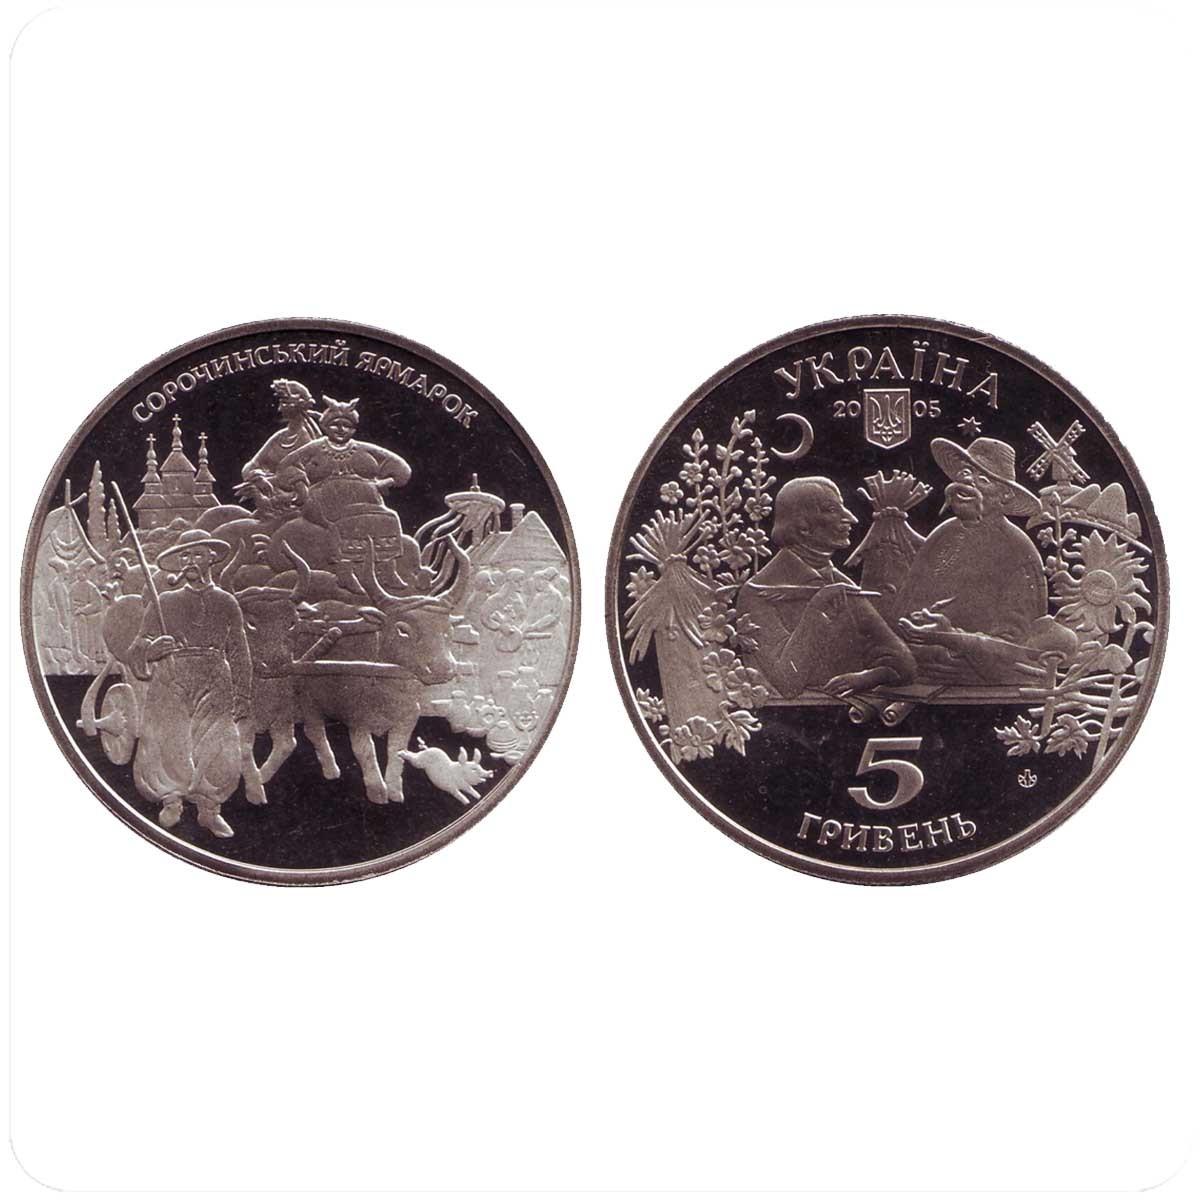 5 гривен 2005 — Сорочинская ярмарка